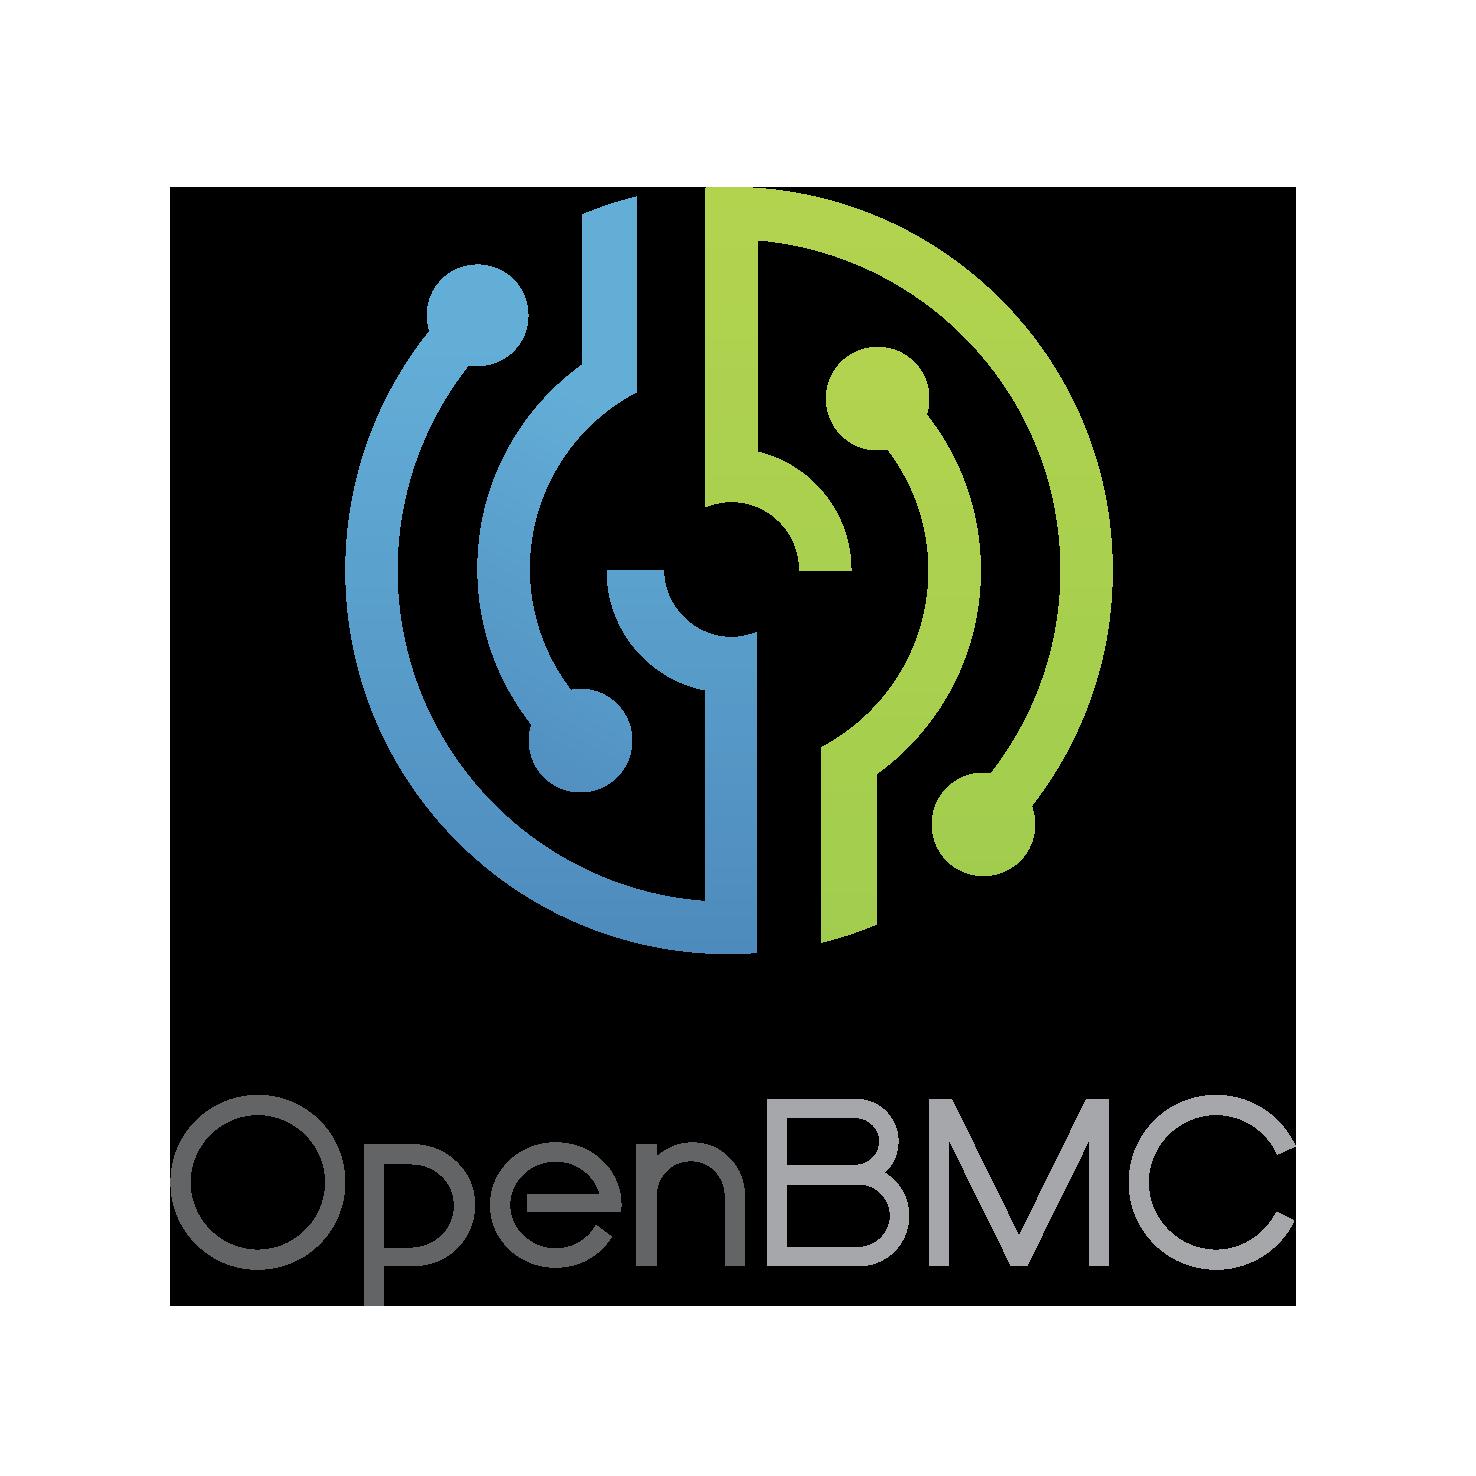 OpenBMC - Wikipedia